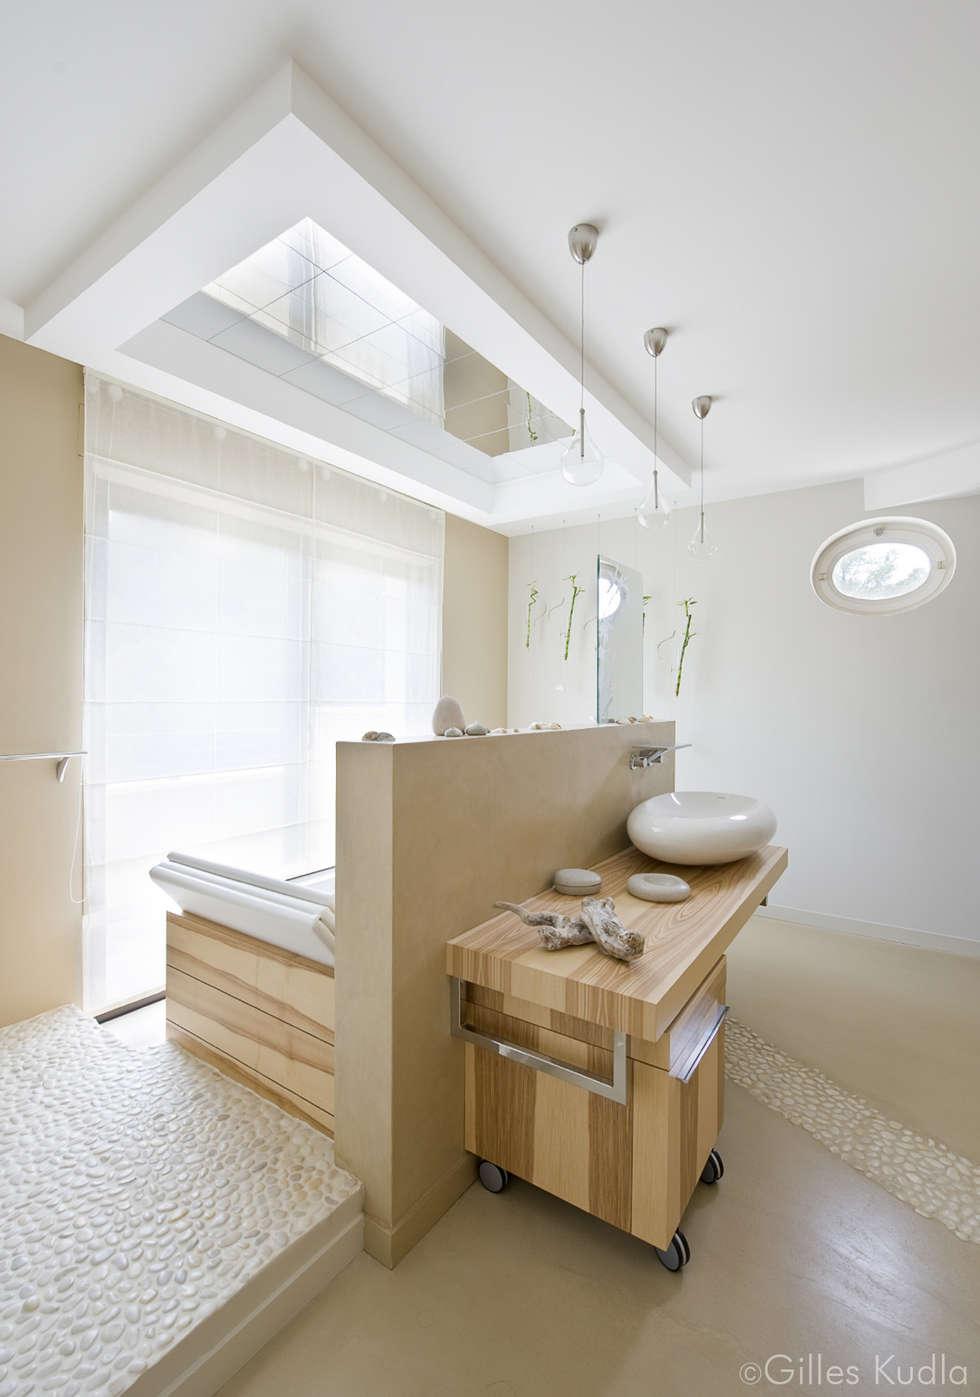 Salle de bain: Salle de bain de style de style Moderne par Gilles Kudla